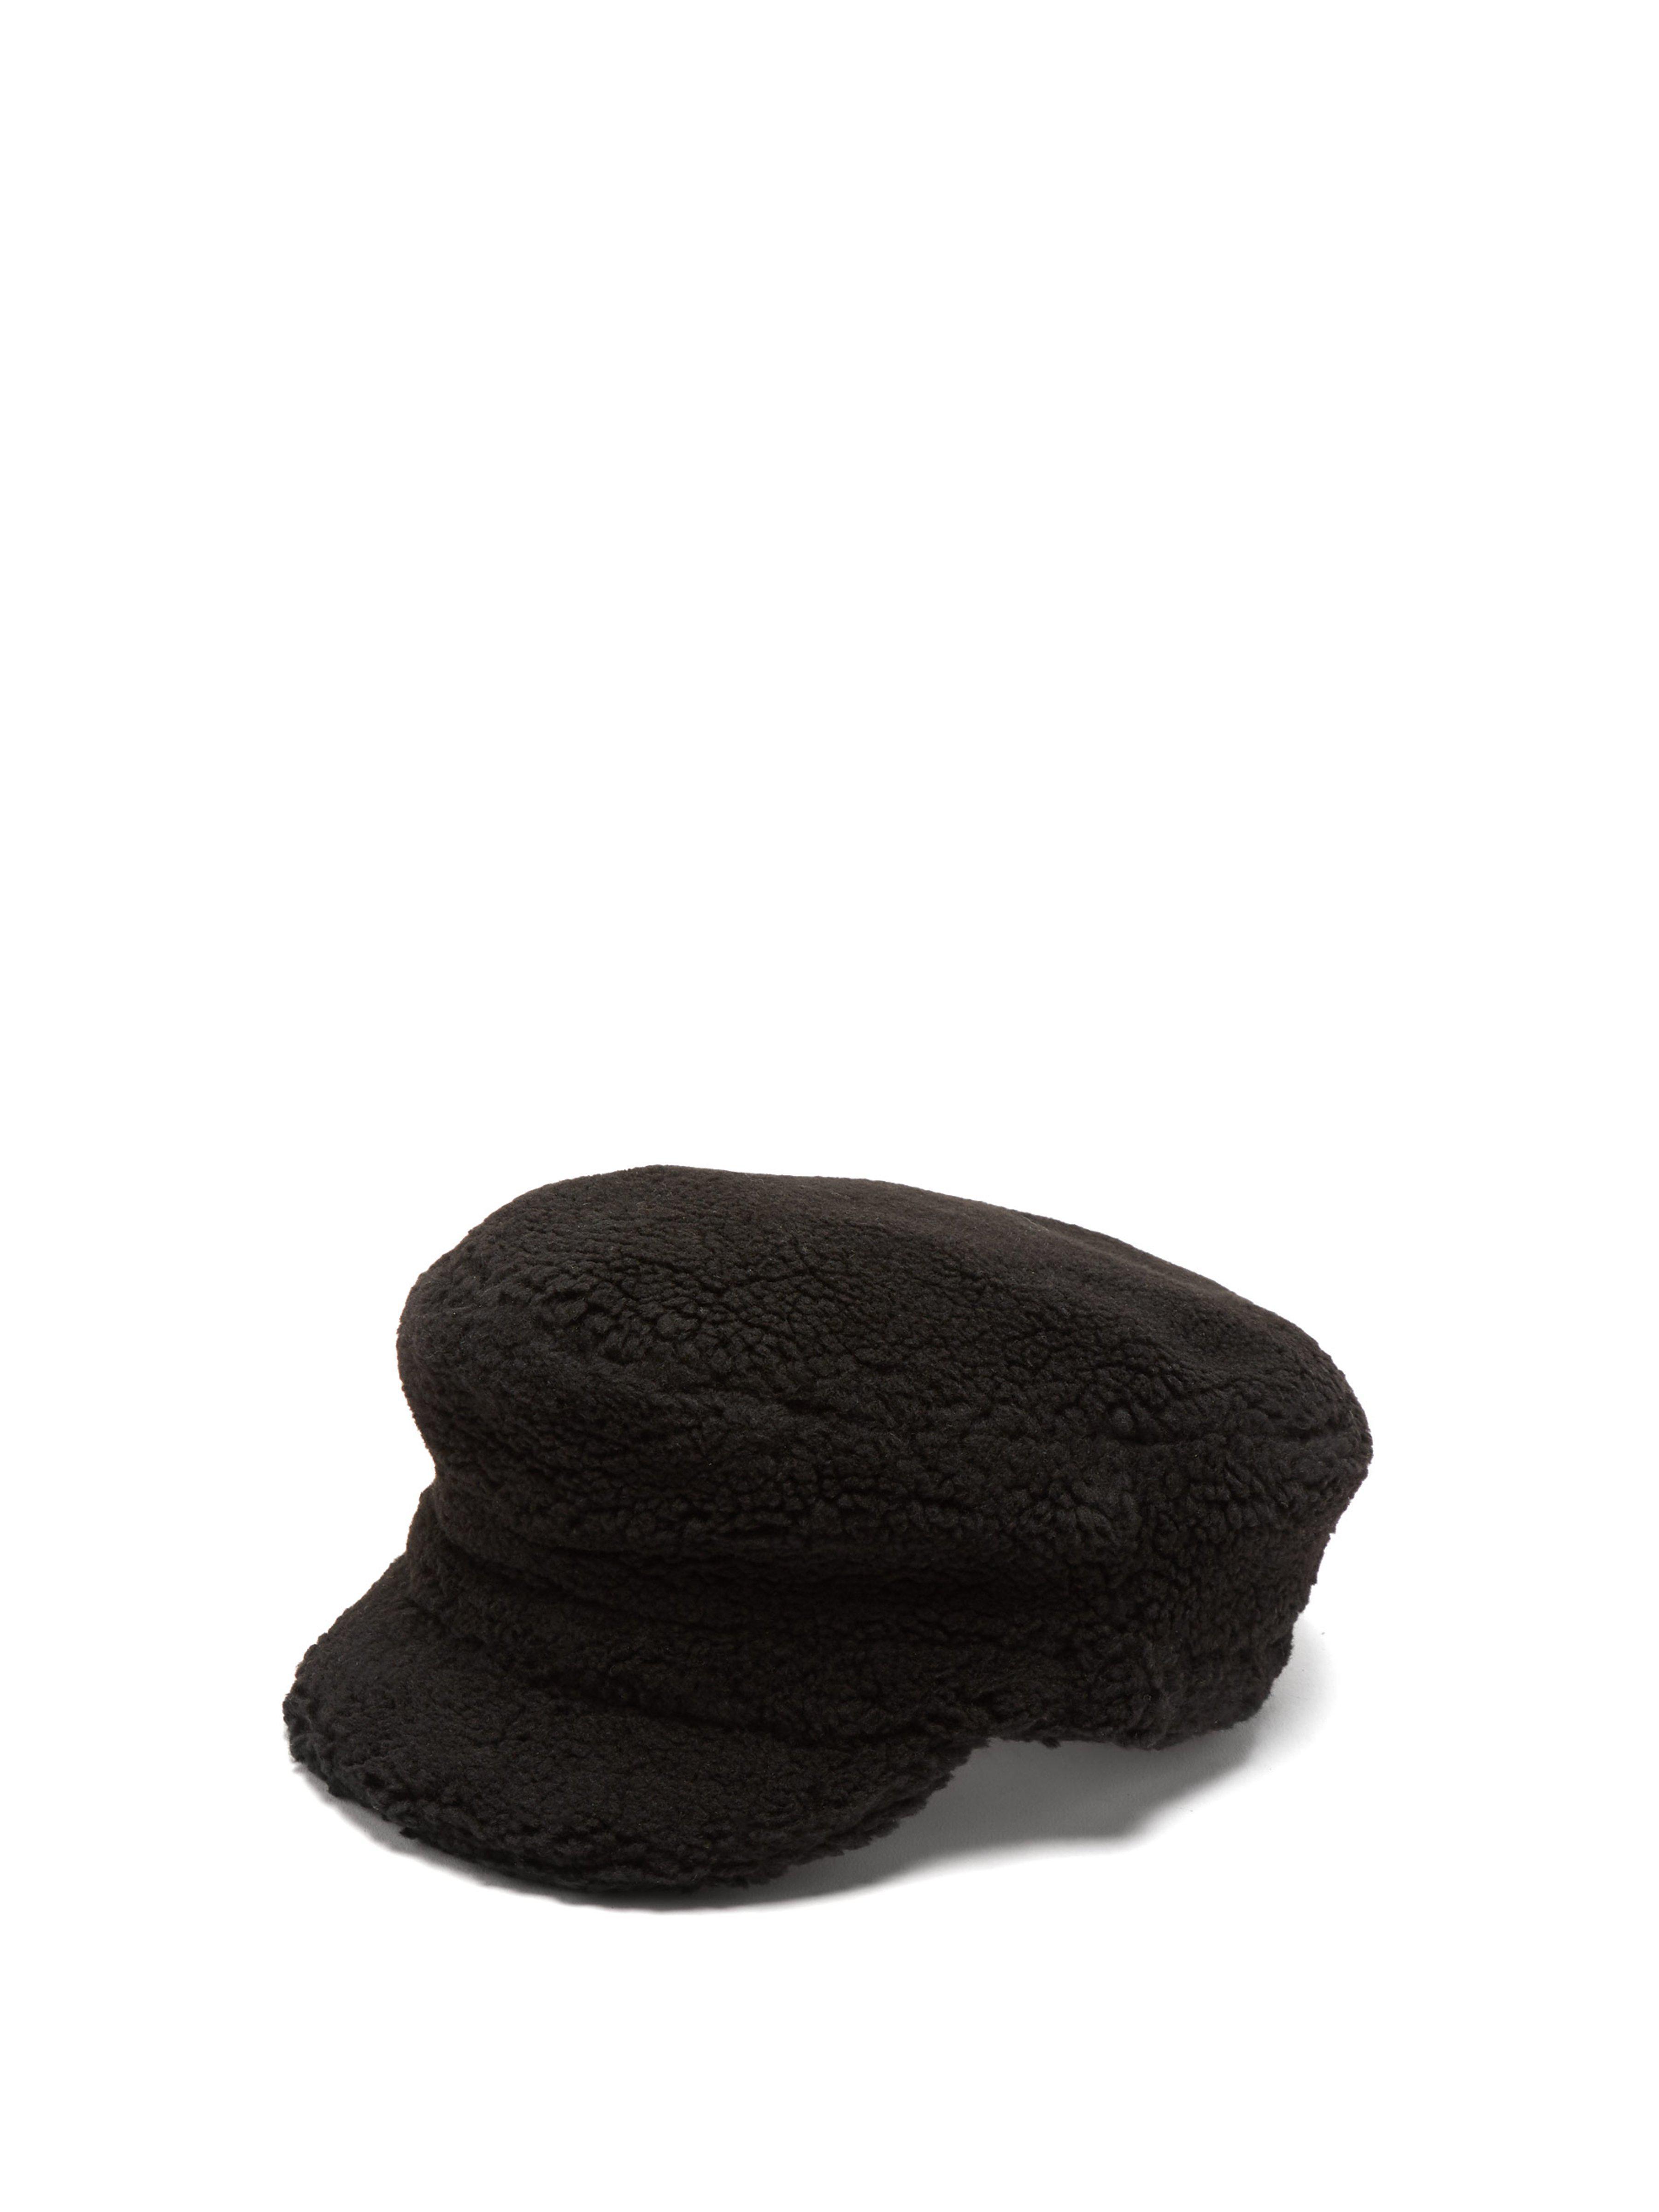 Federica Moretti Faux Shearling Baker Boy Cap in Black - Lyst bfcab3bfba13